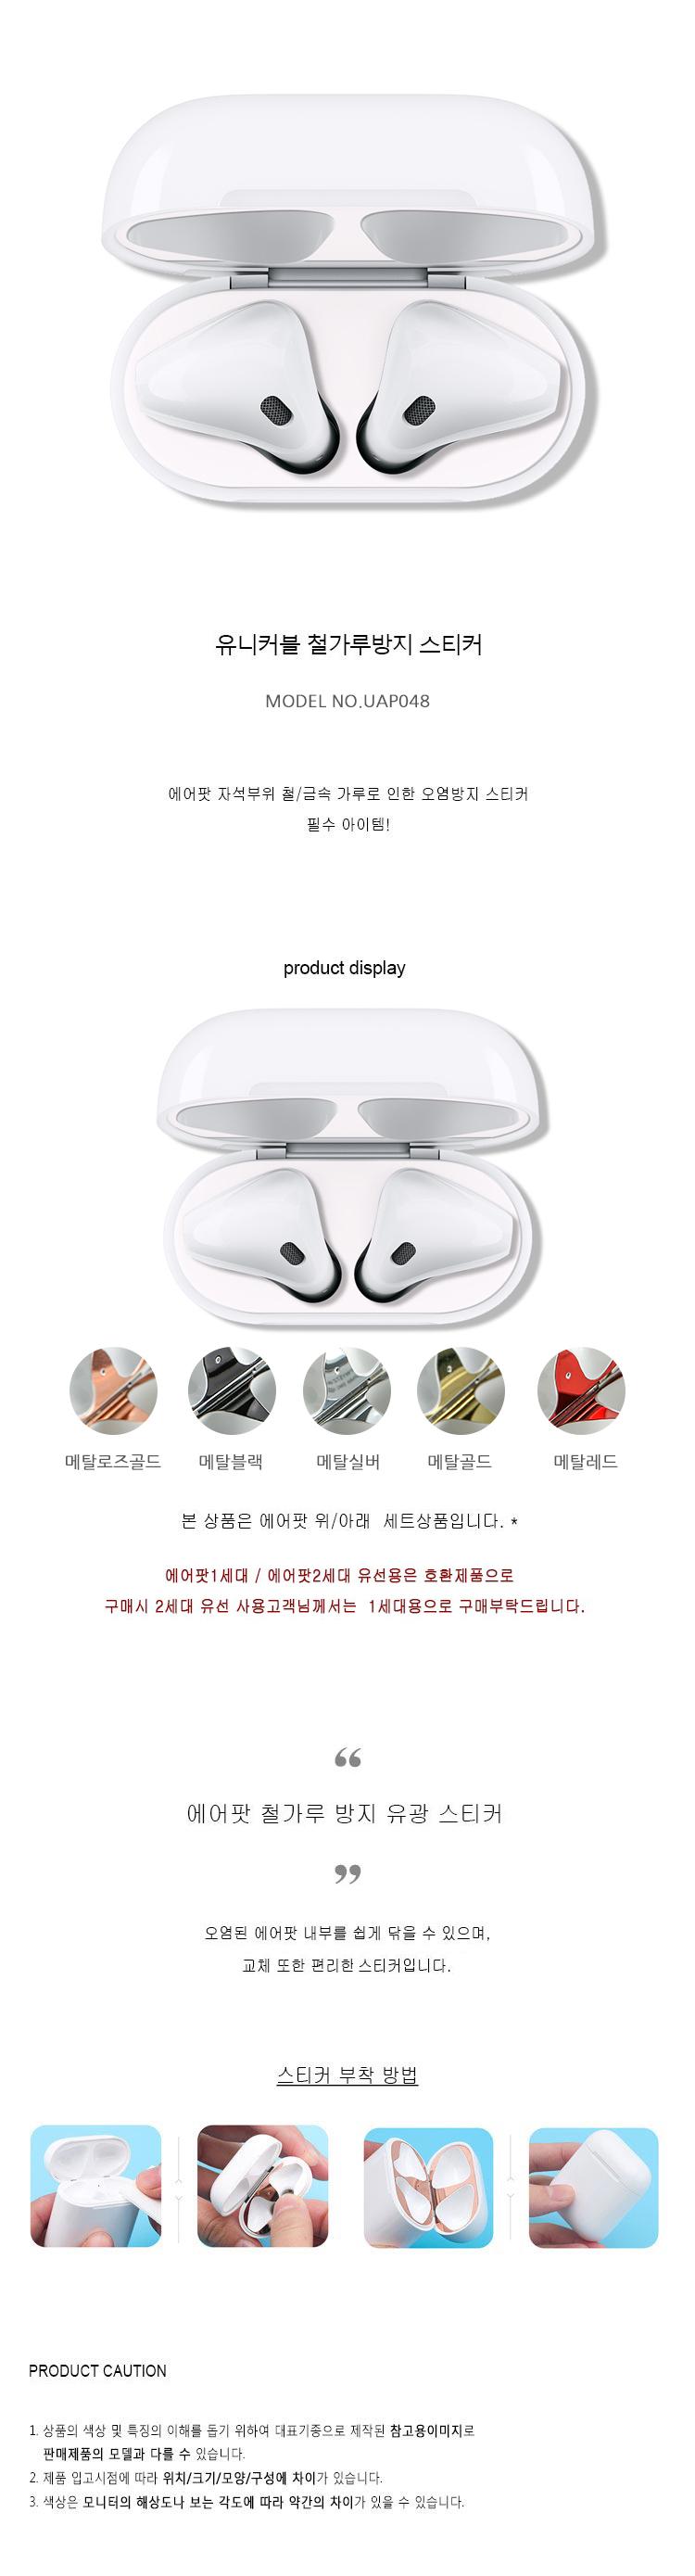 에어팟 철가루 방지 유광 메탈 스티커 악세사리 - 유니커블, 2,500원, 이어폰, 이어폰 악세서리